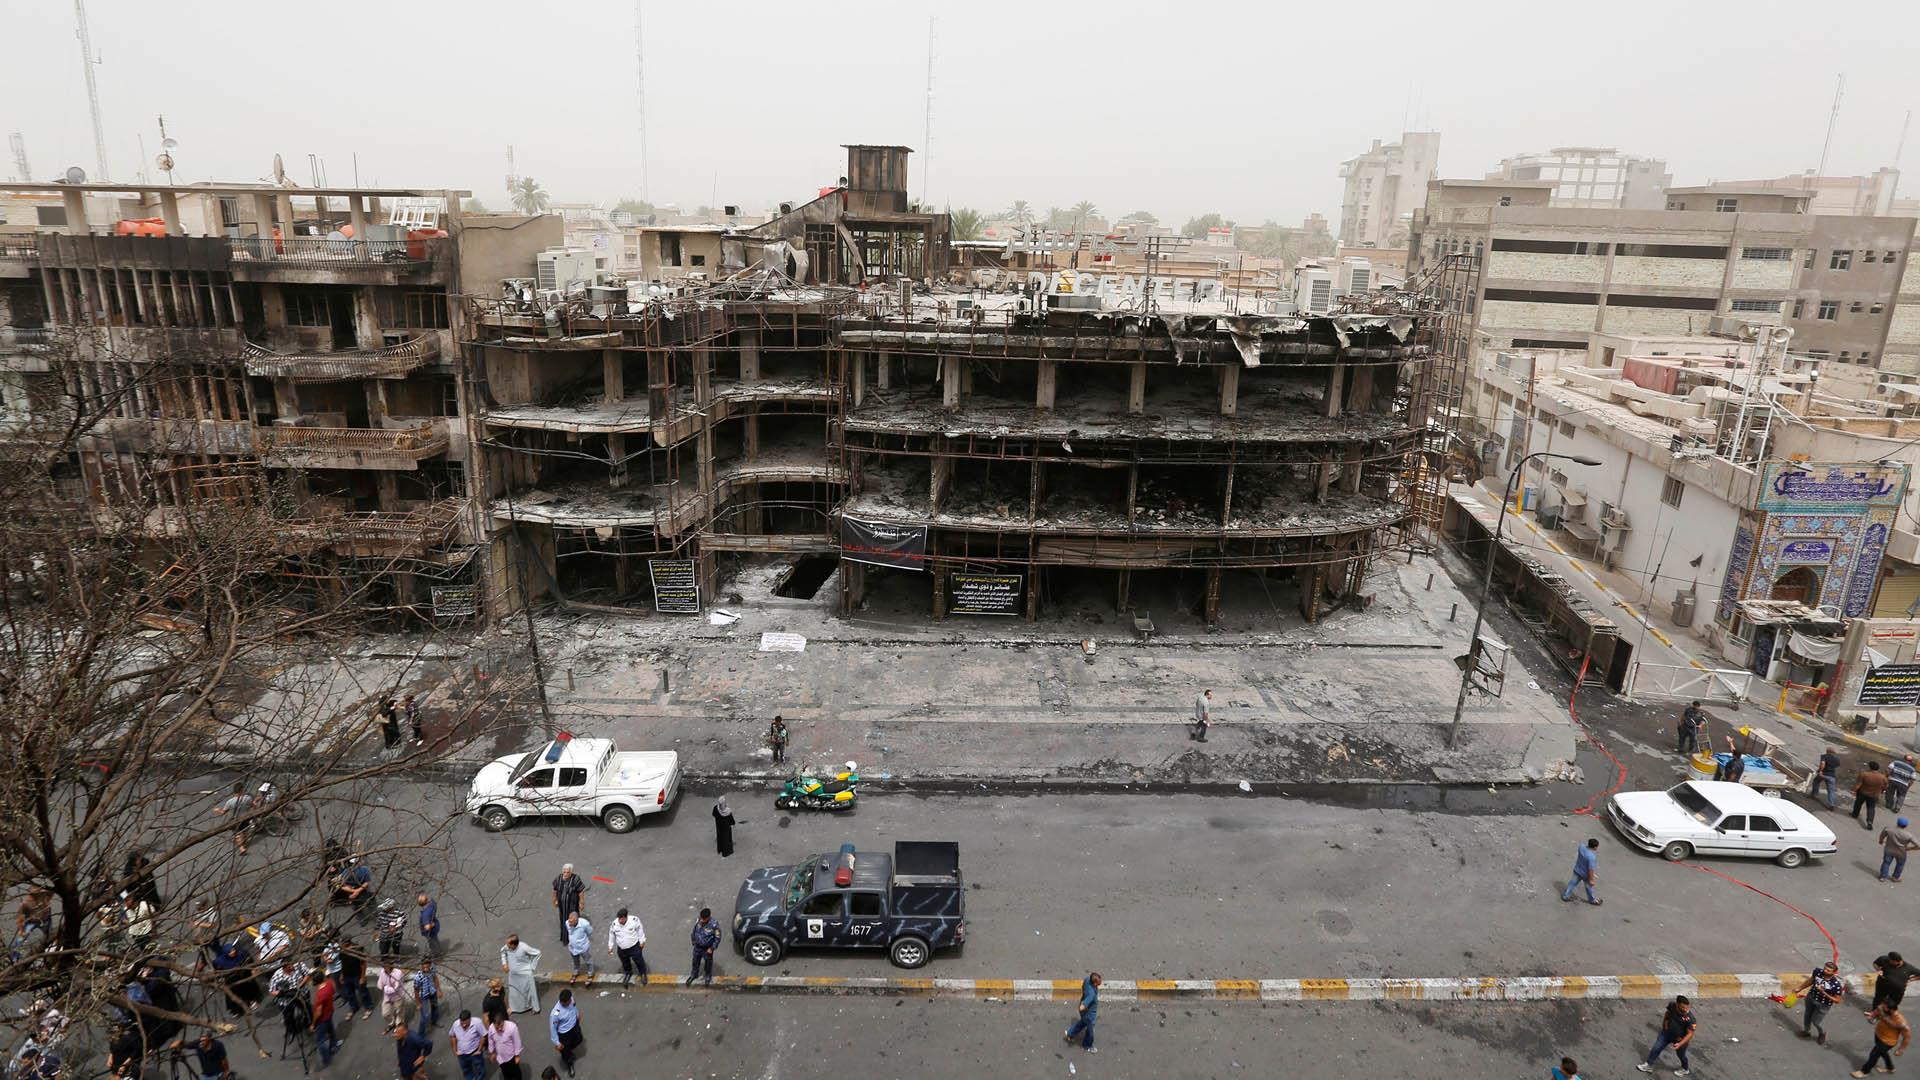 Aumenta cifra de muertes epor ataque en Bagdad